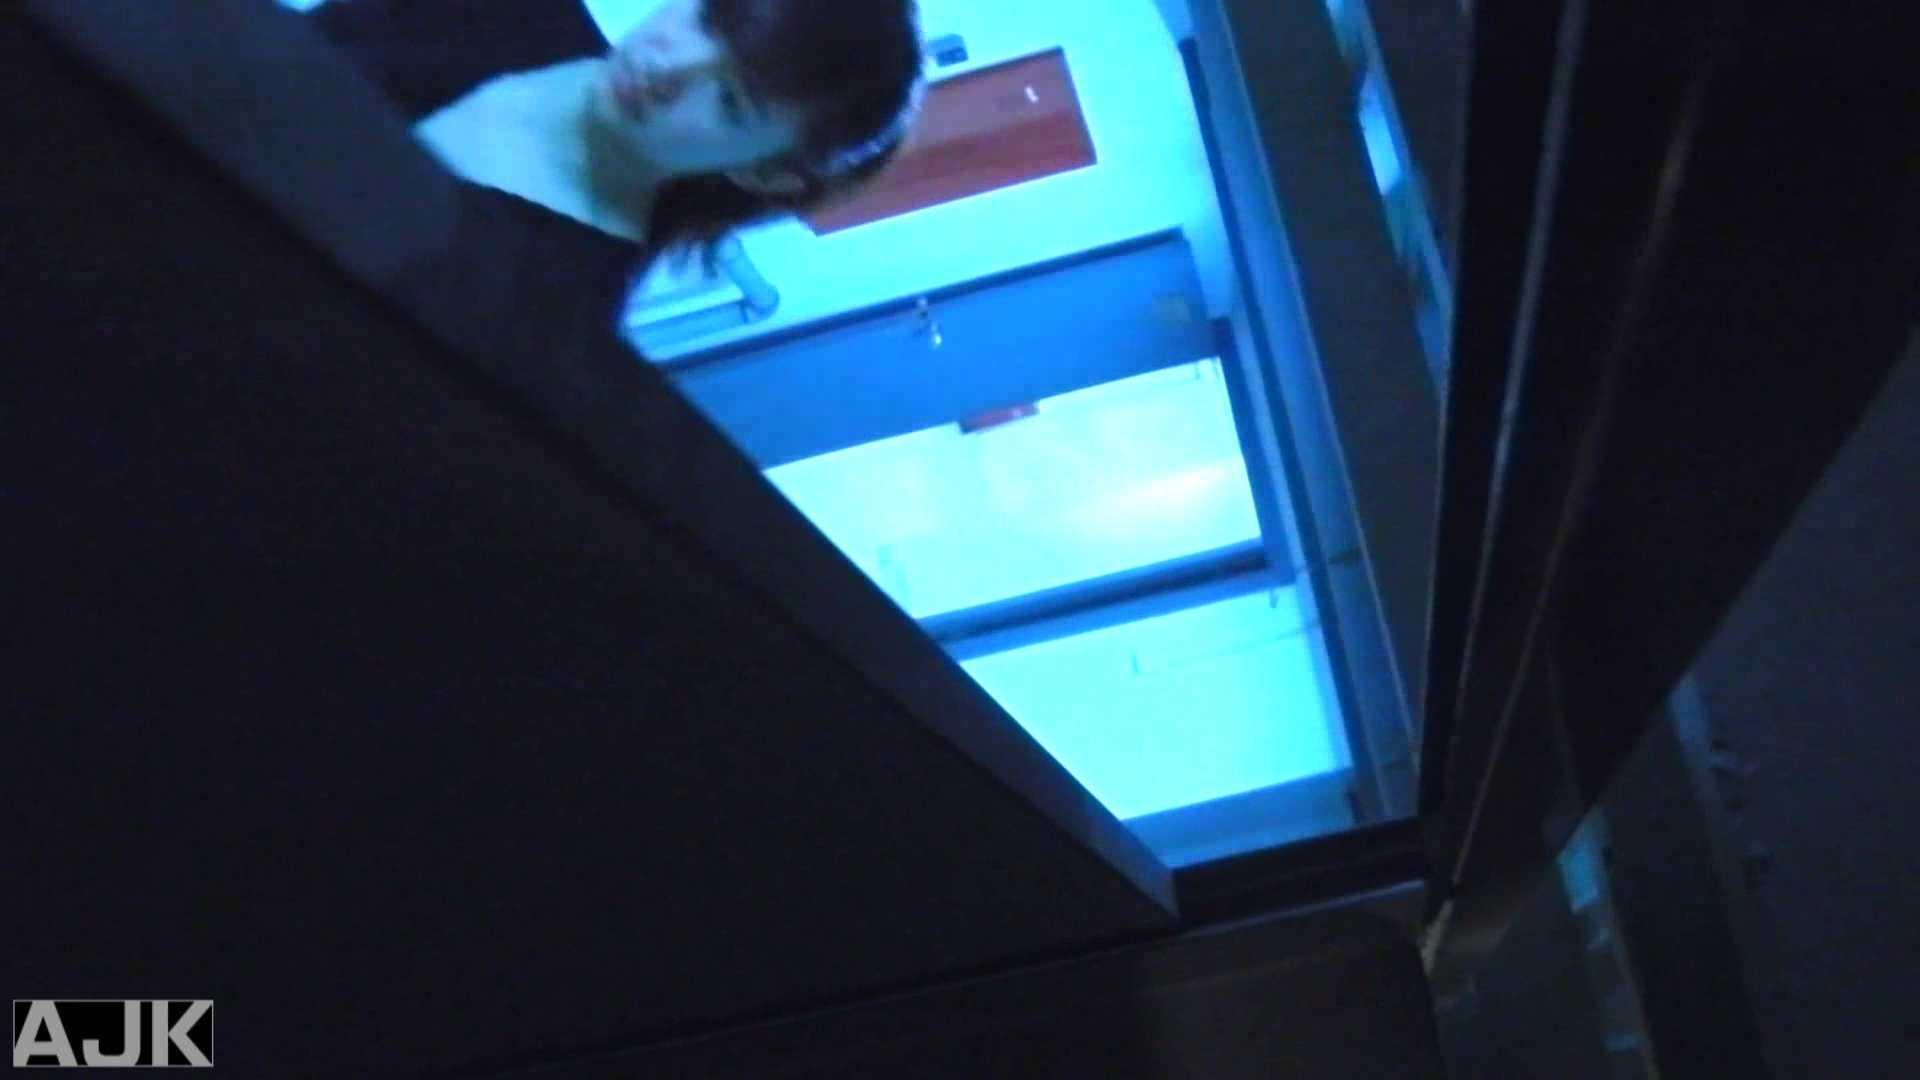 神降臨!史上最強の潜入かわや! vol.23 潜入 オマンコ無修正動画無料 75PIX 75